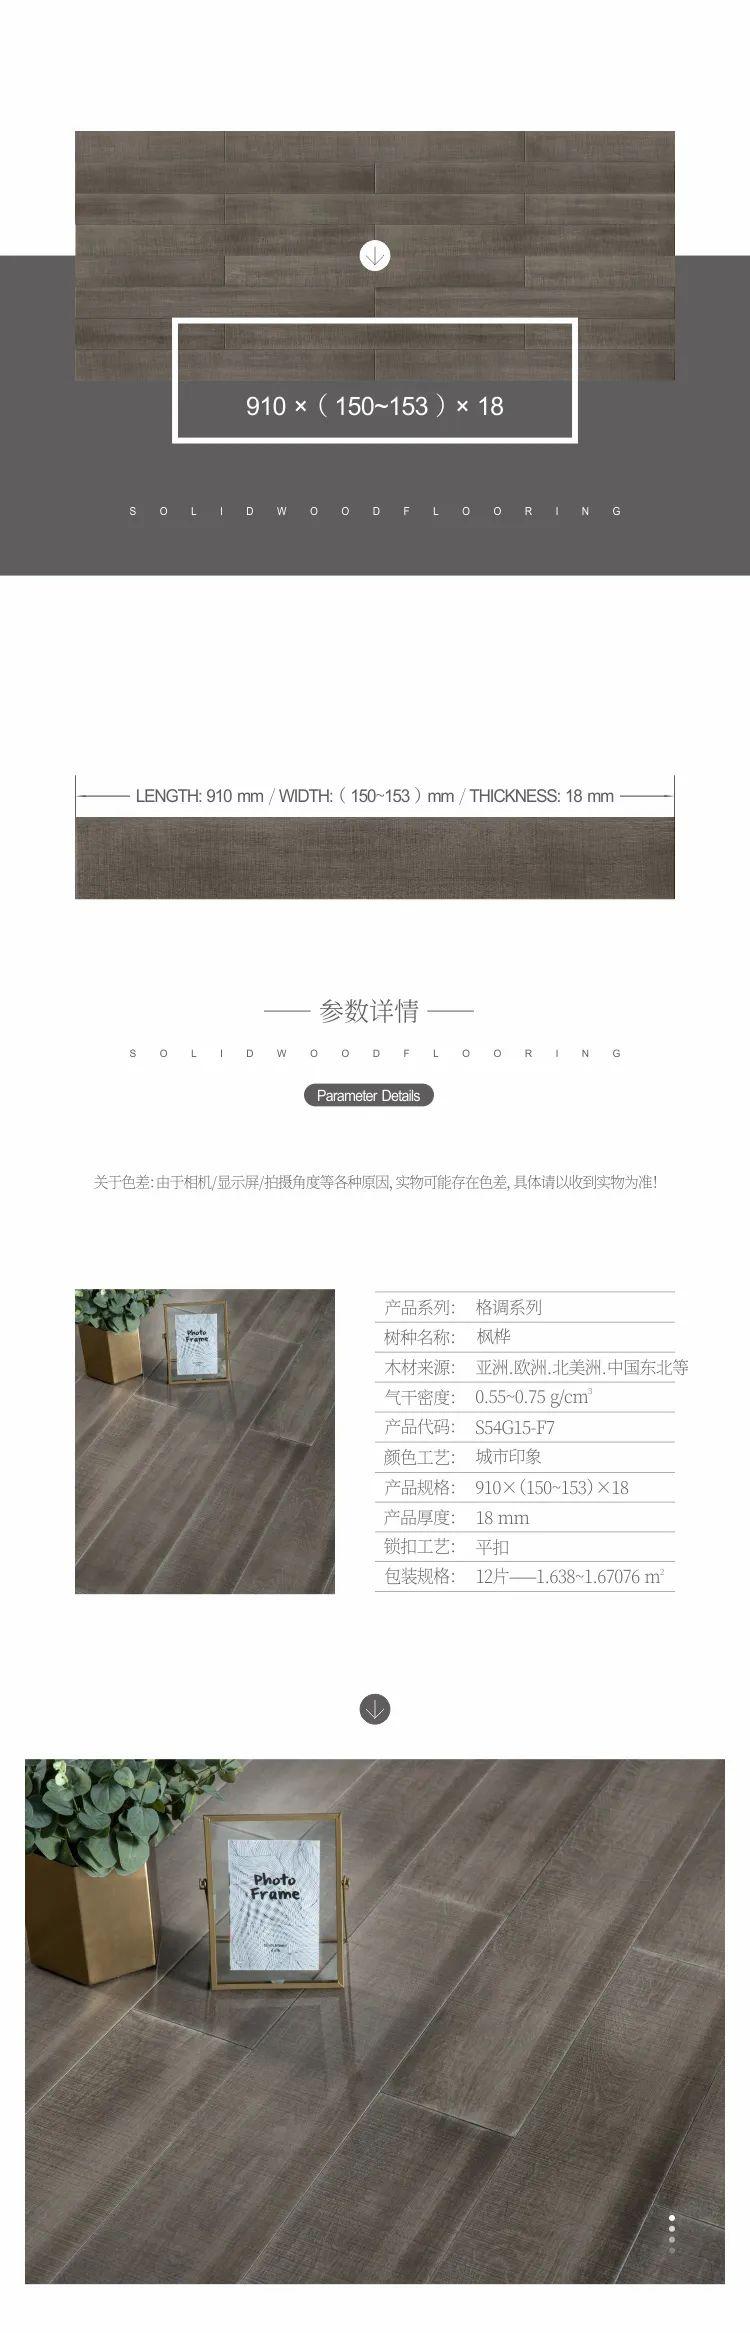 大卫地板产品-木 · 物语NO.217枫桦城市印象